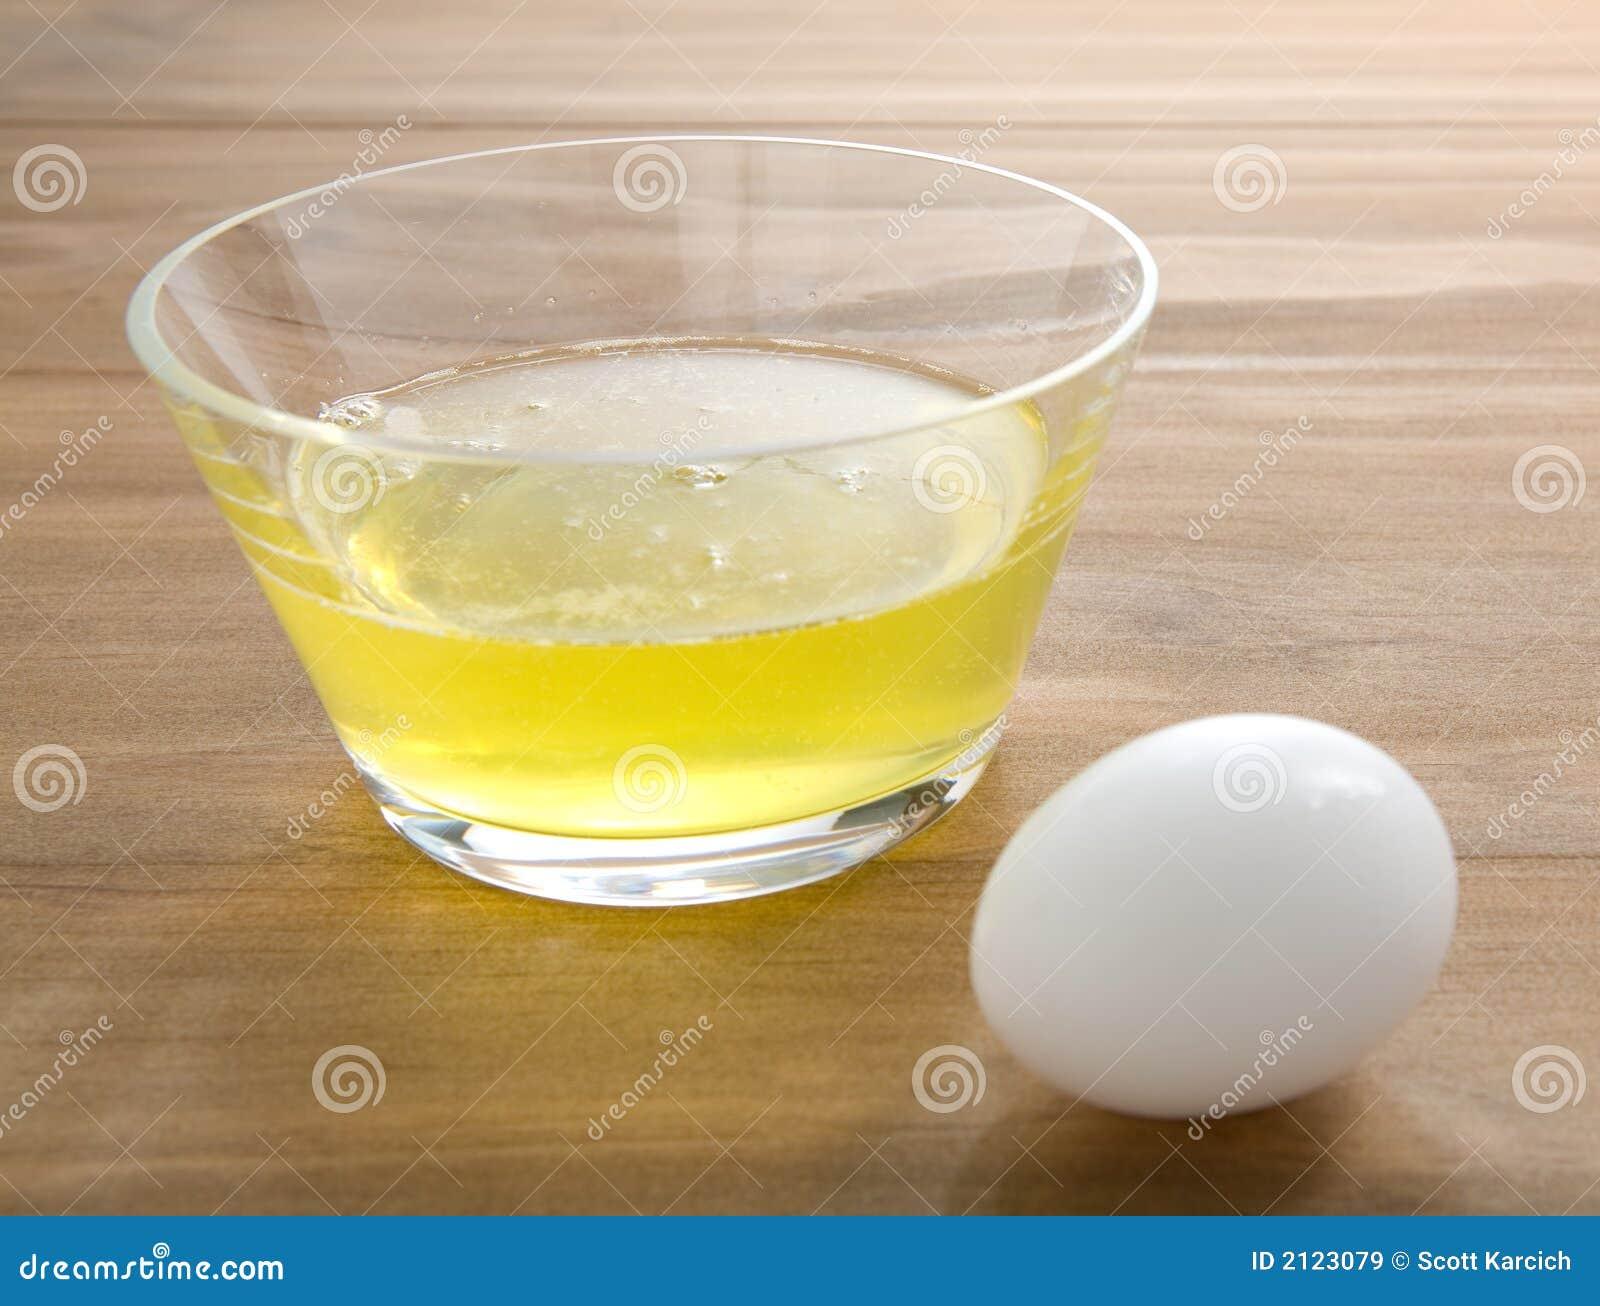 Raw Egg Whites With Whole Egg Stock Image Image Of